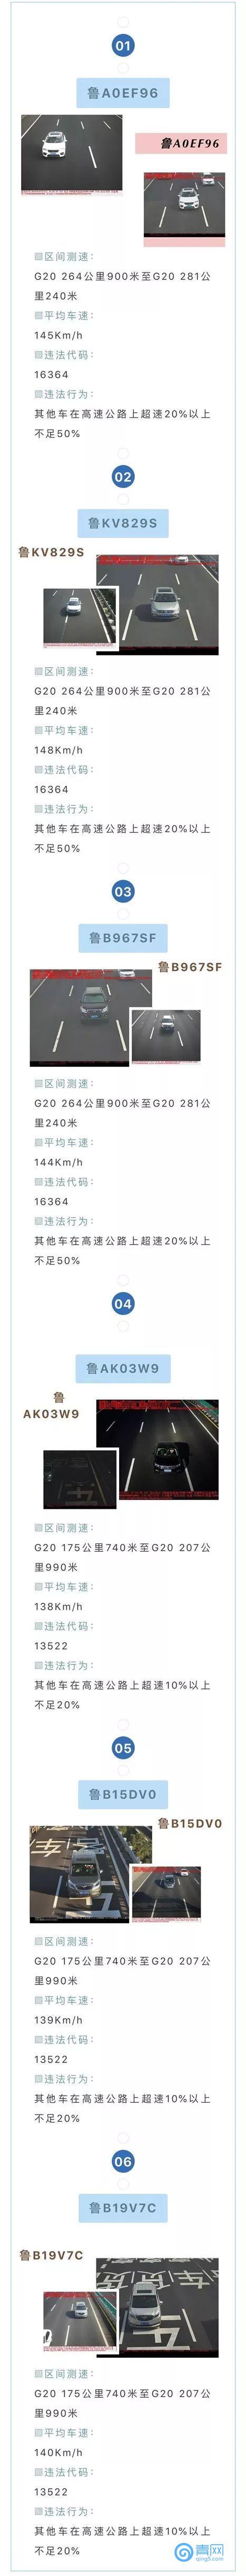 济青北线区间测速已启用 首批超速司机名单曝光